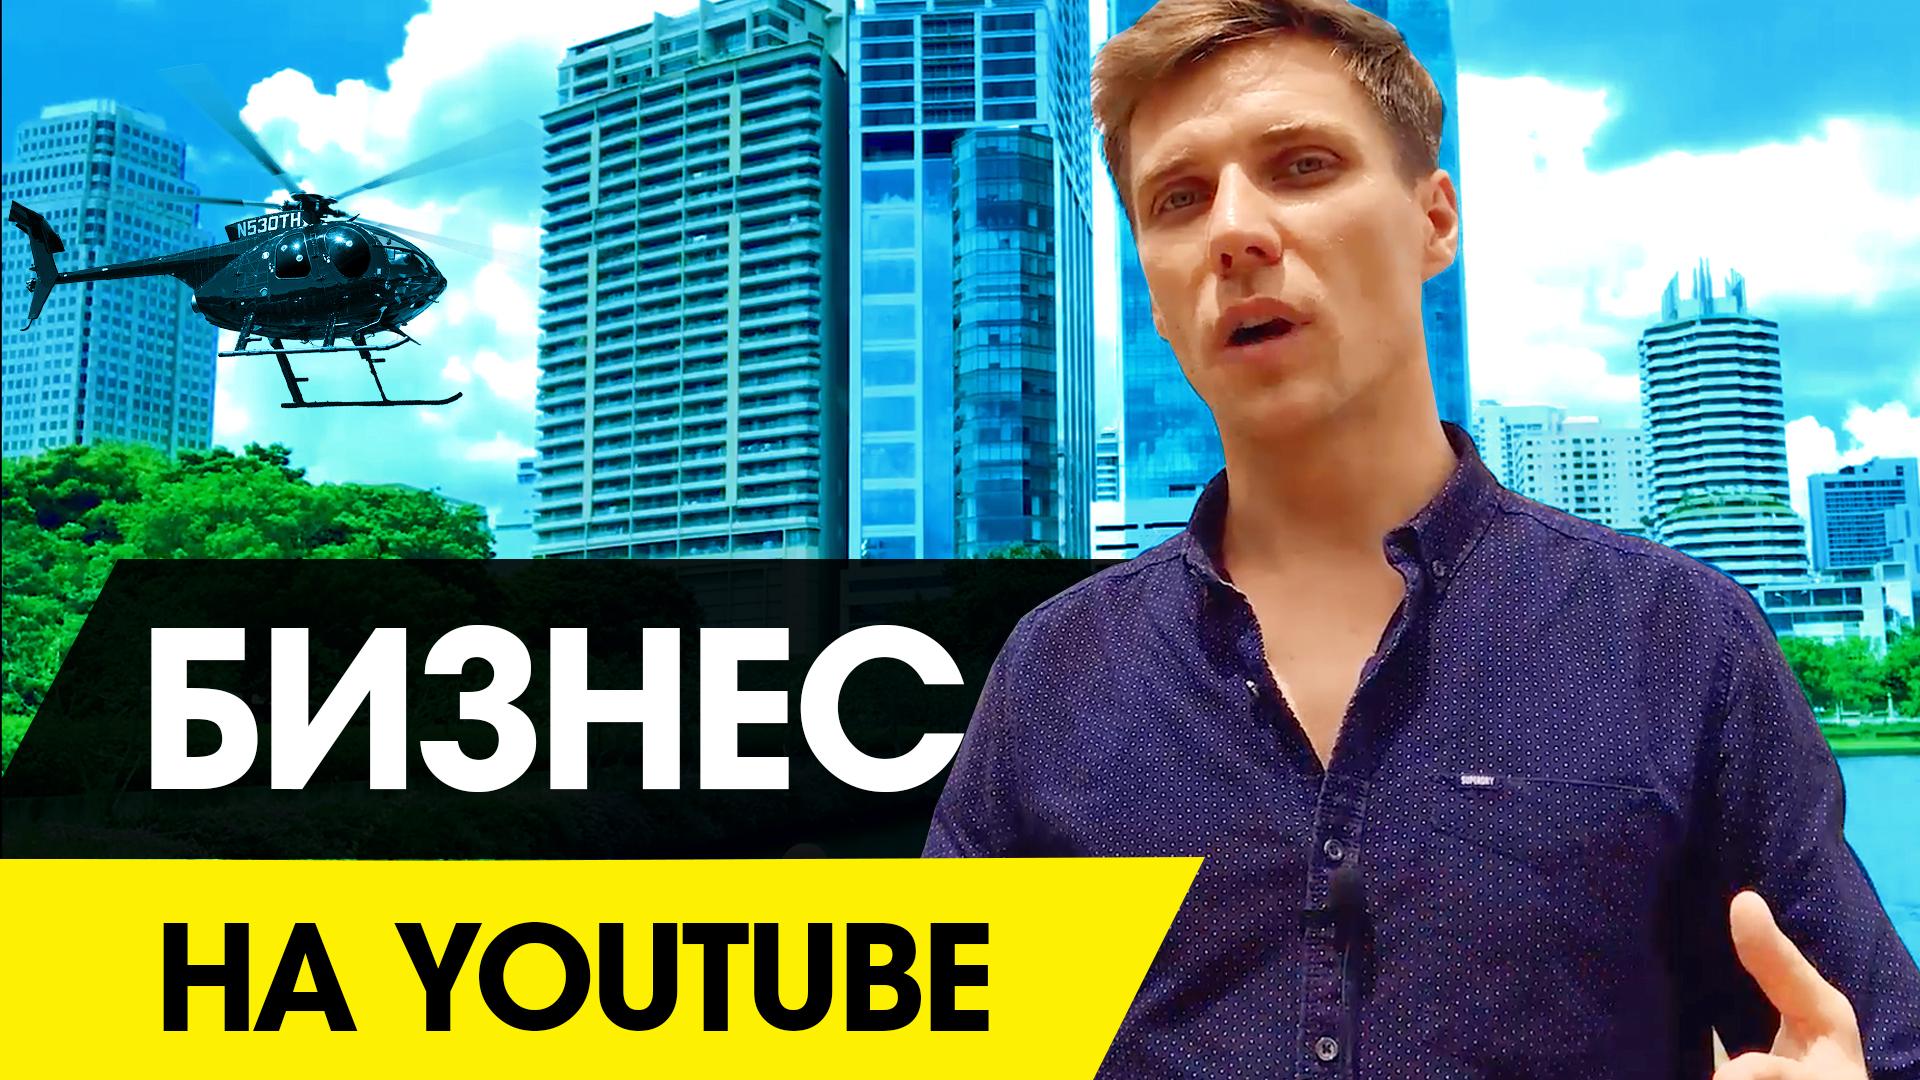 Бизнес Канал YouTube — это Лидген Машина!